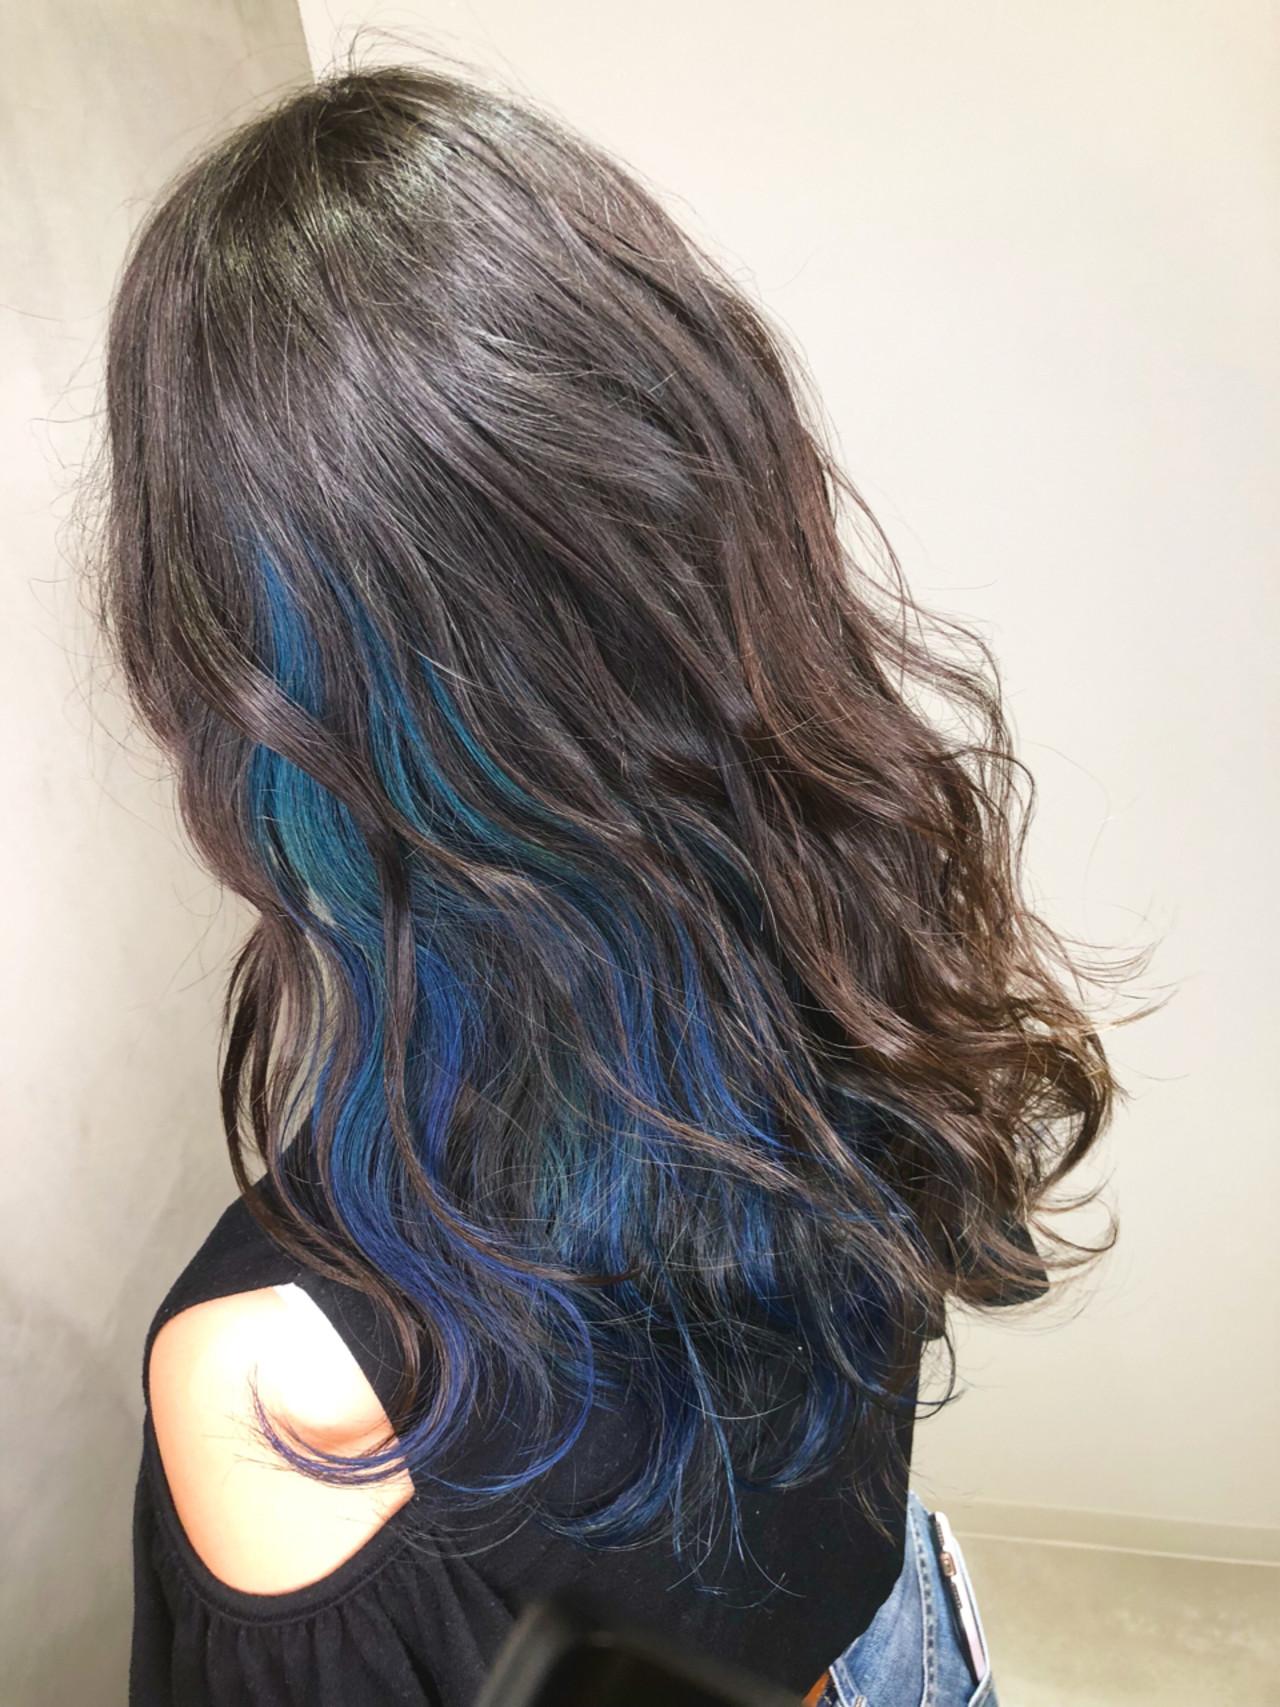 スポーツ グラデーションカラー アウトドア 大人かわいい ヘアスタイルや髪型の写真・画像   筒井 隆由 / Hair salon mode